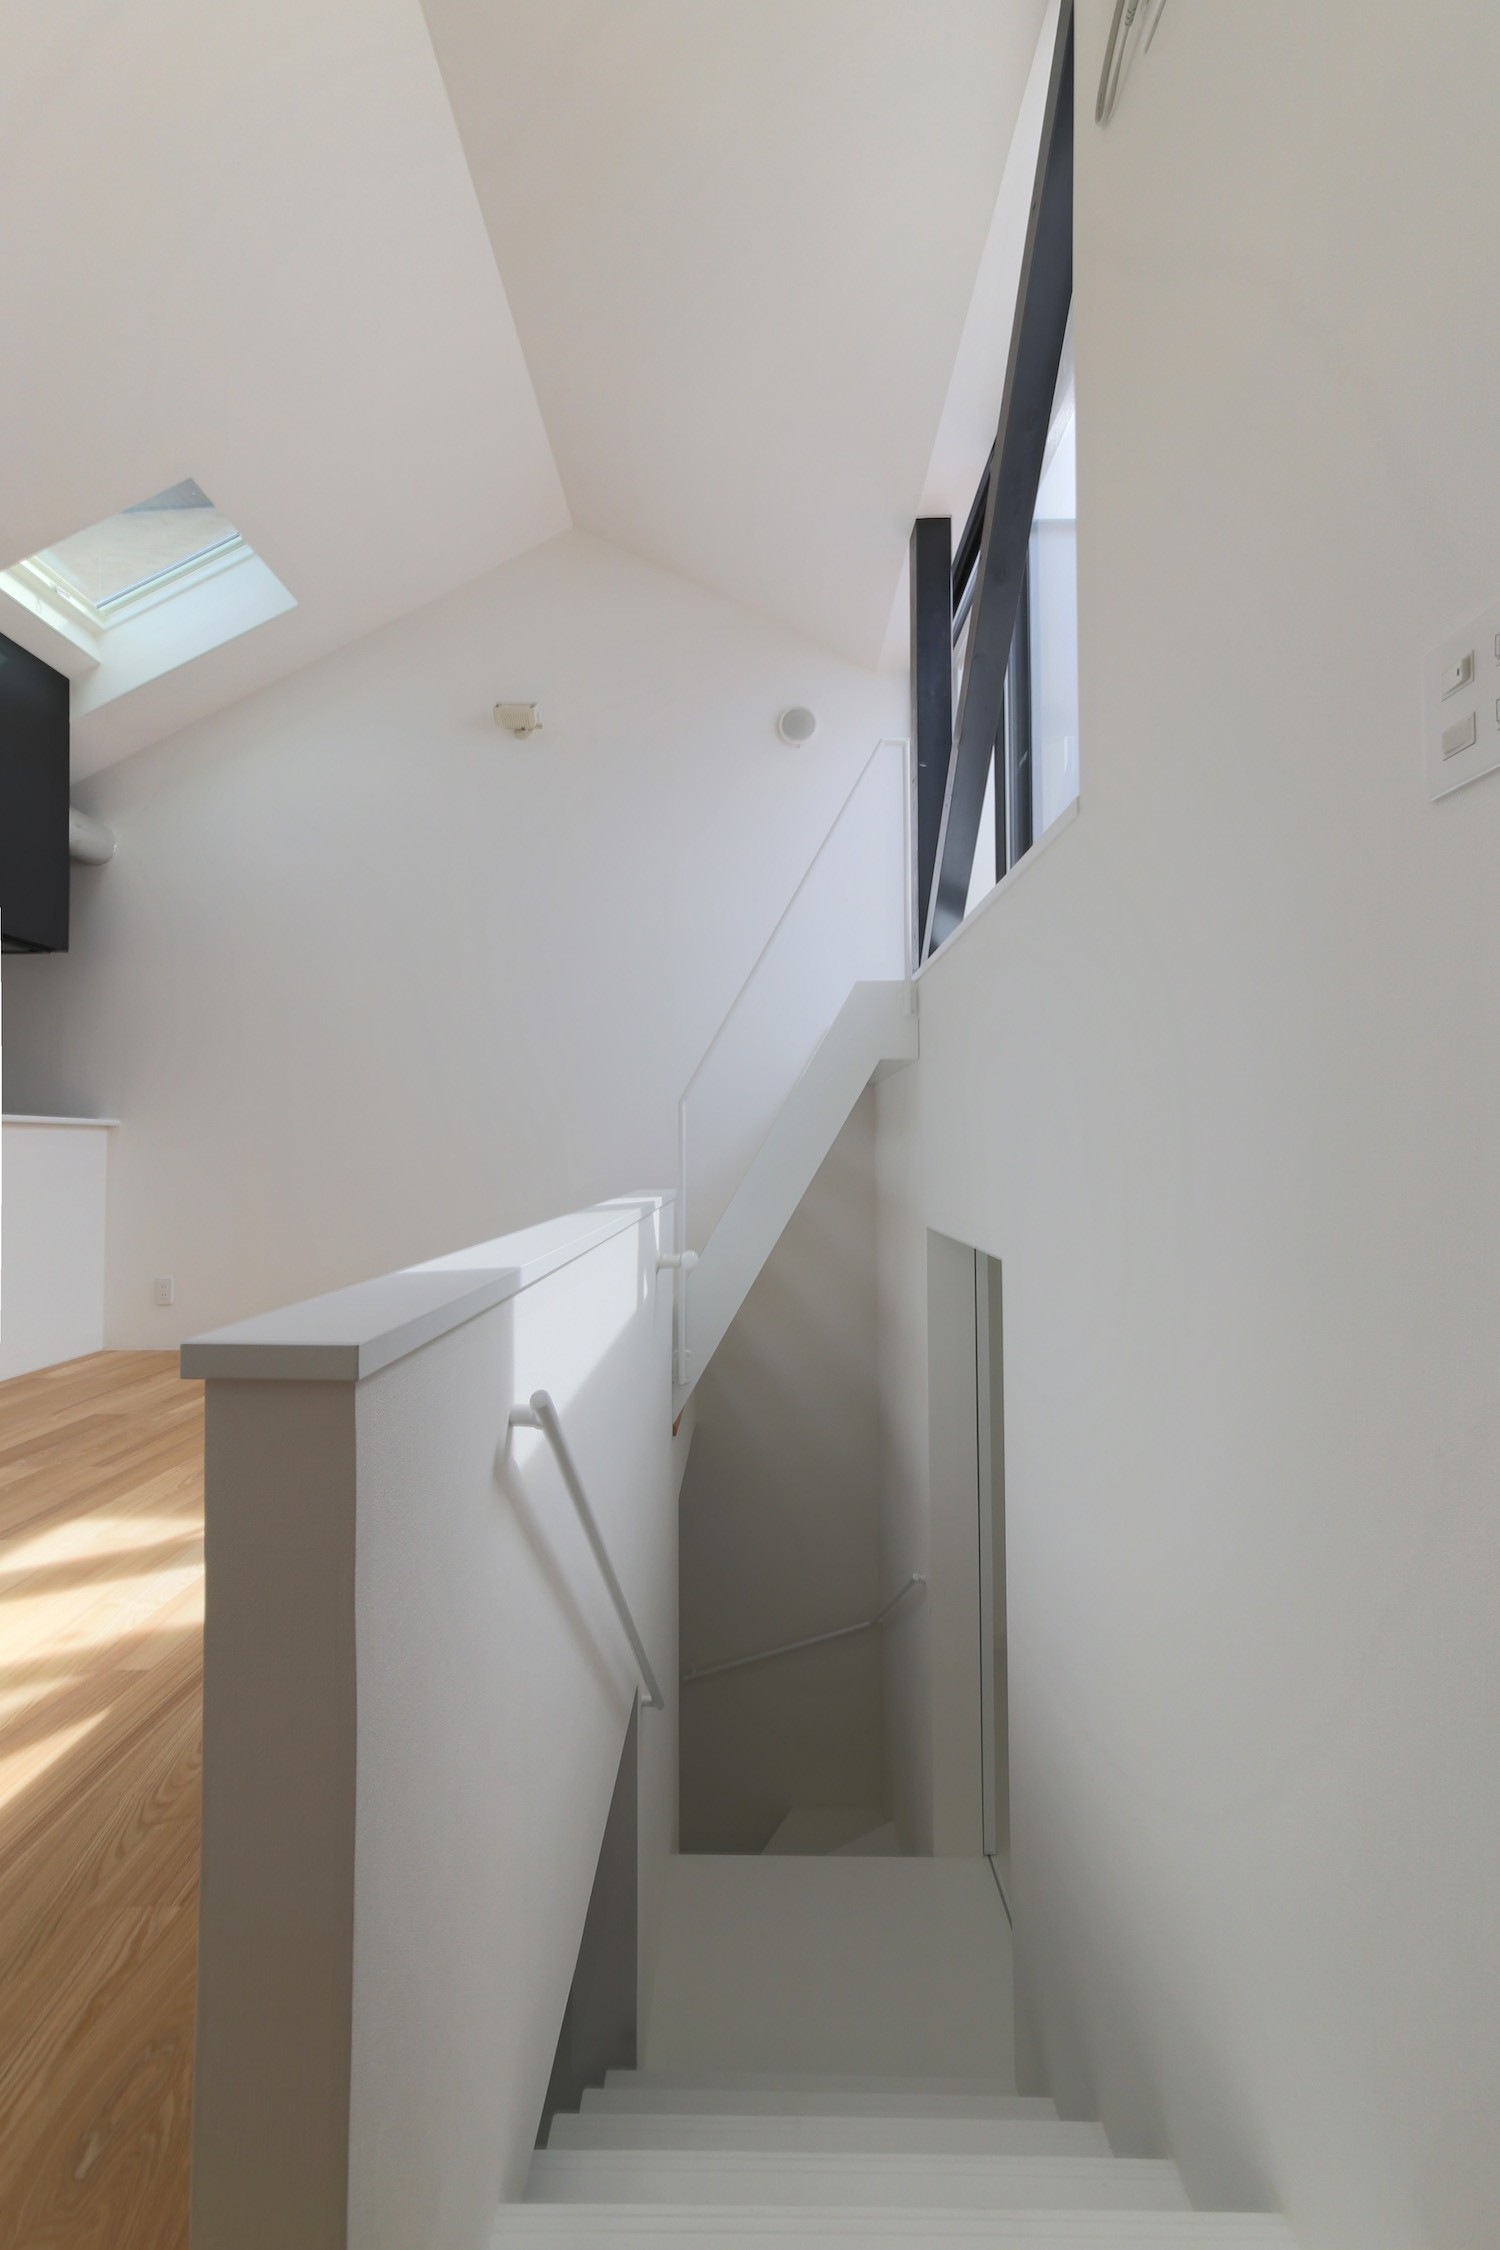 リビングダイニング事例:リビングから階段見下ろし(建もの探訪で放送 ピアノ室のある狭小住宅・スキップフロアを生かしたOUCHI-29)